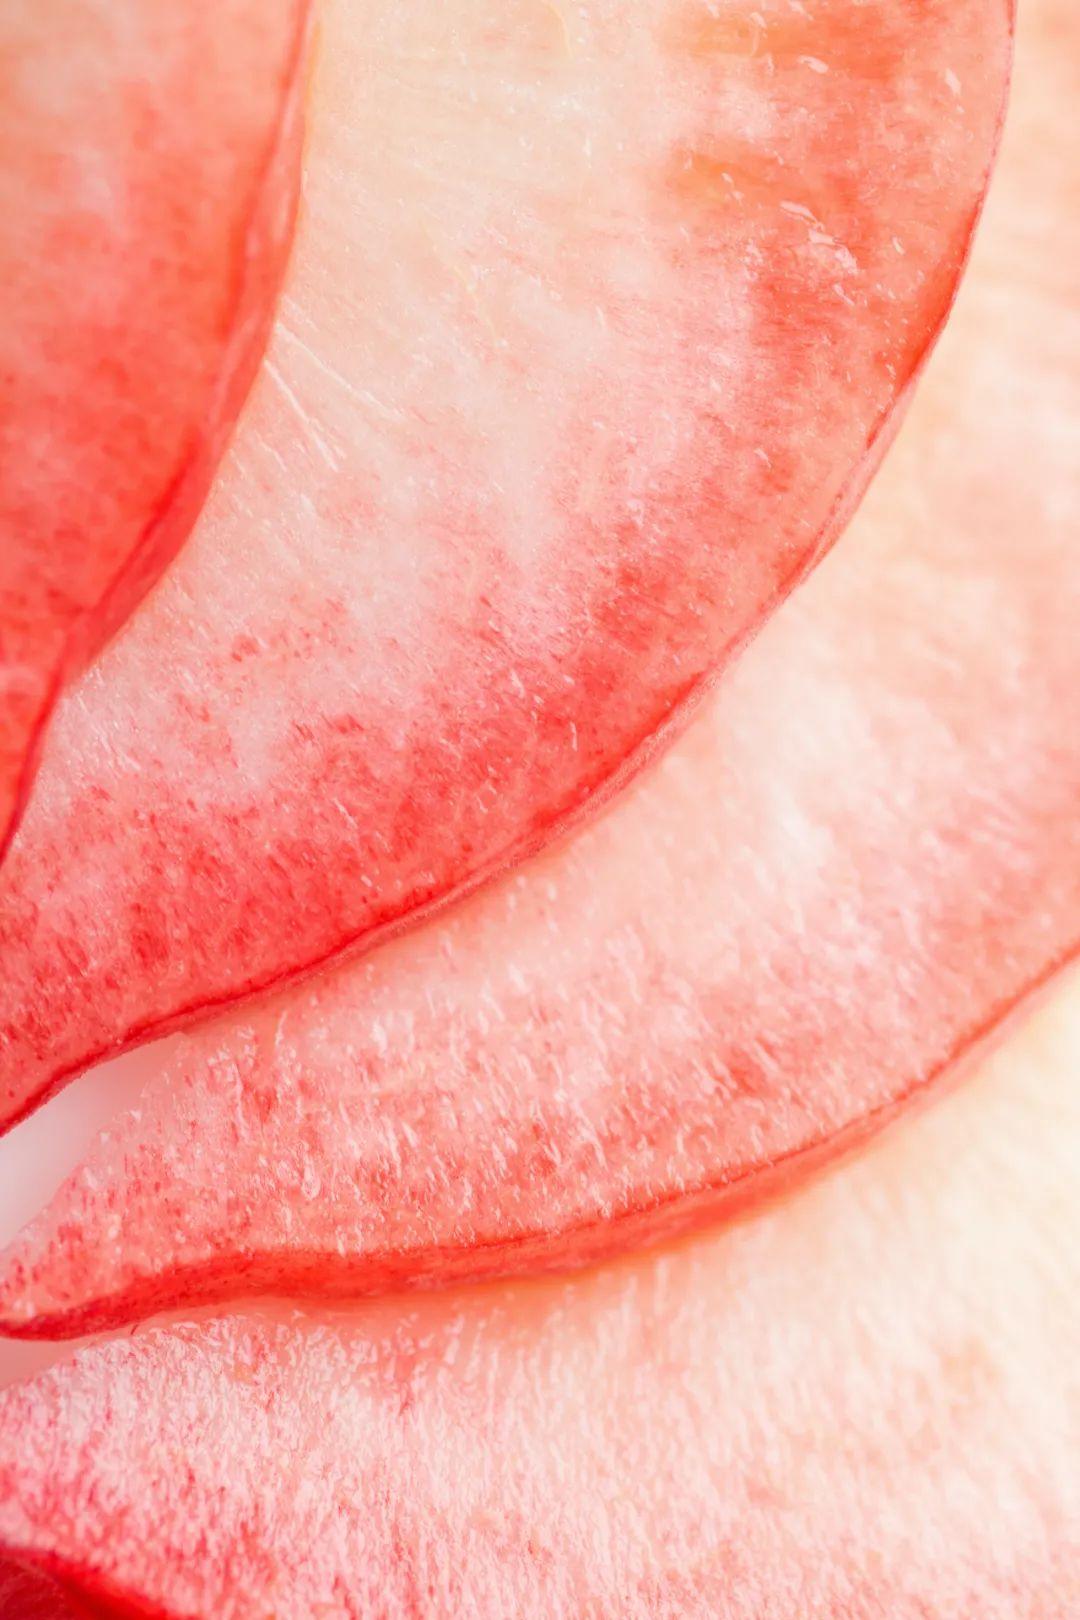 ▲ 粉红细腻娇嫩的蜜桃果肉。 图/视觉中国